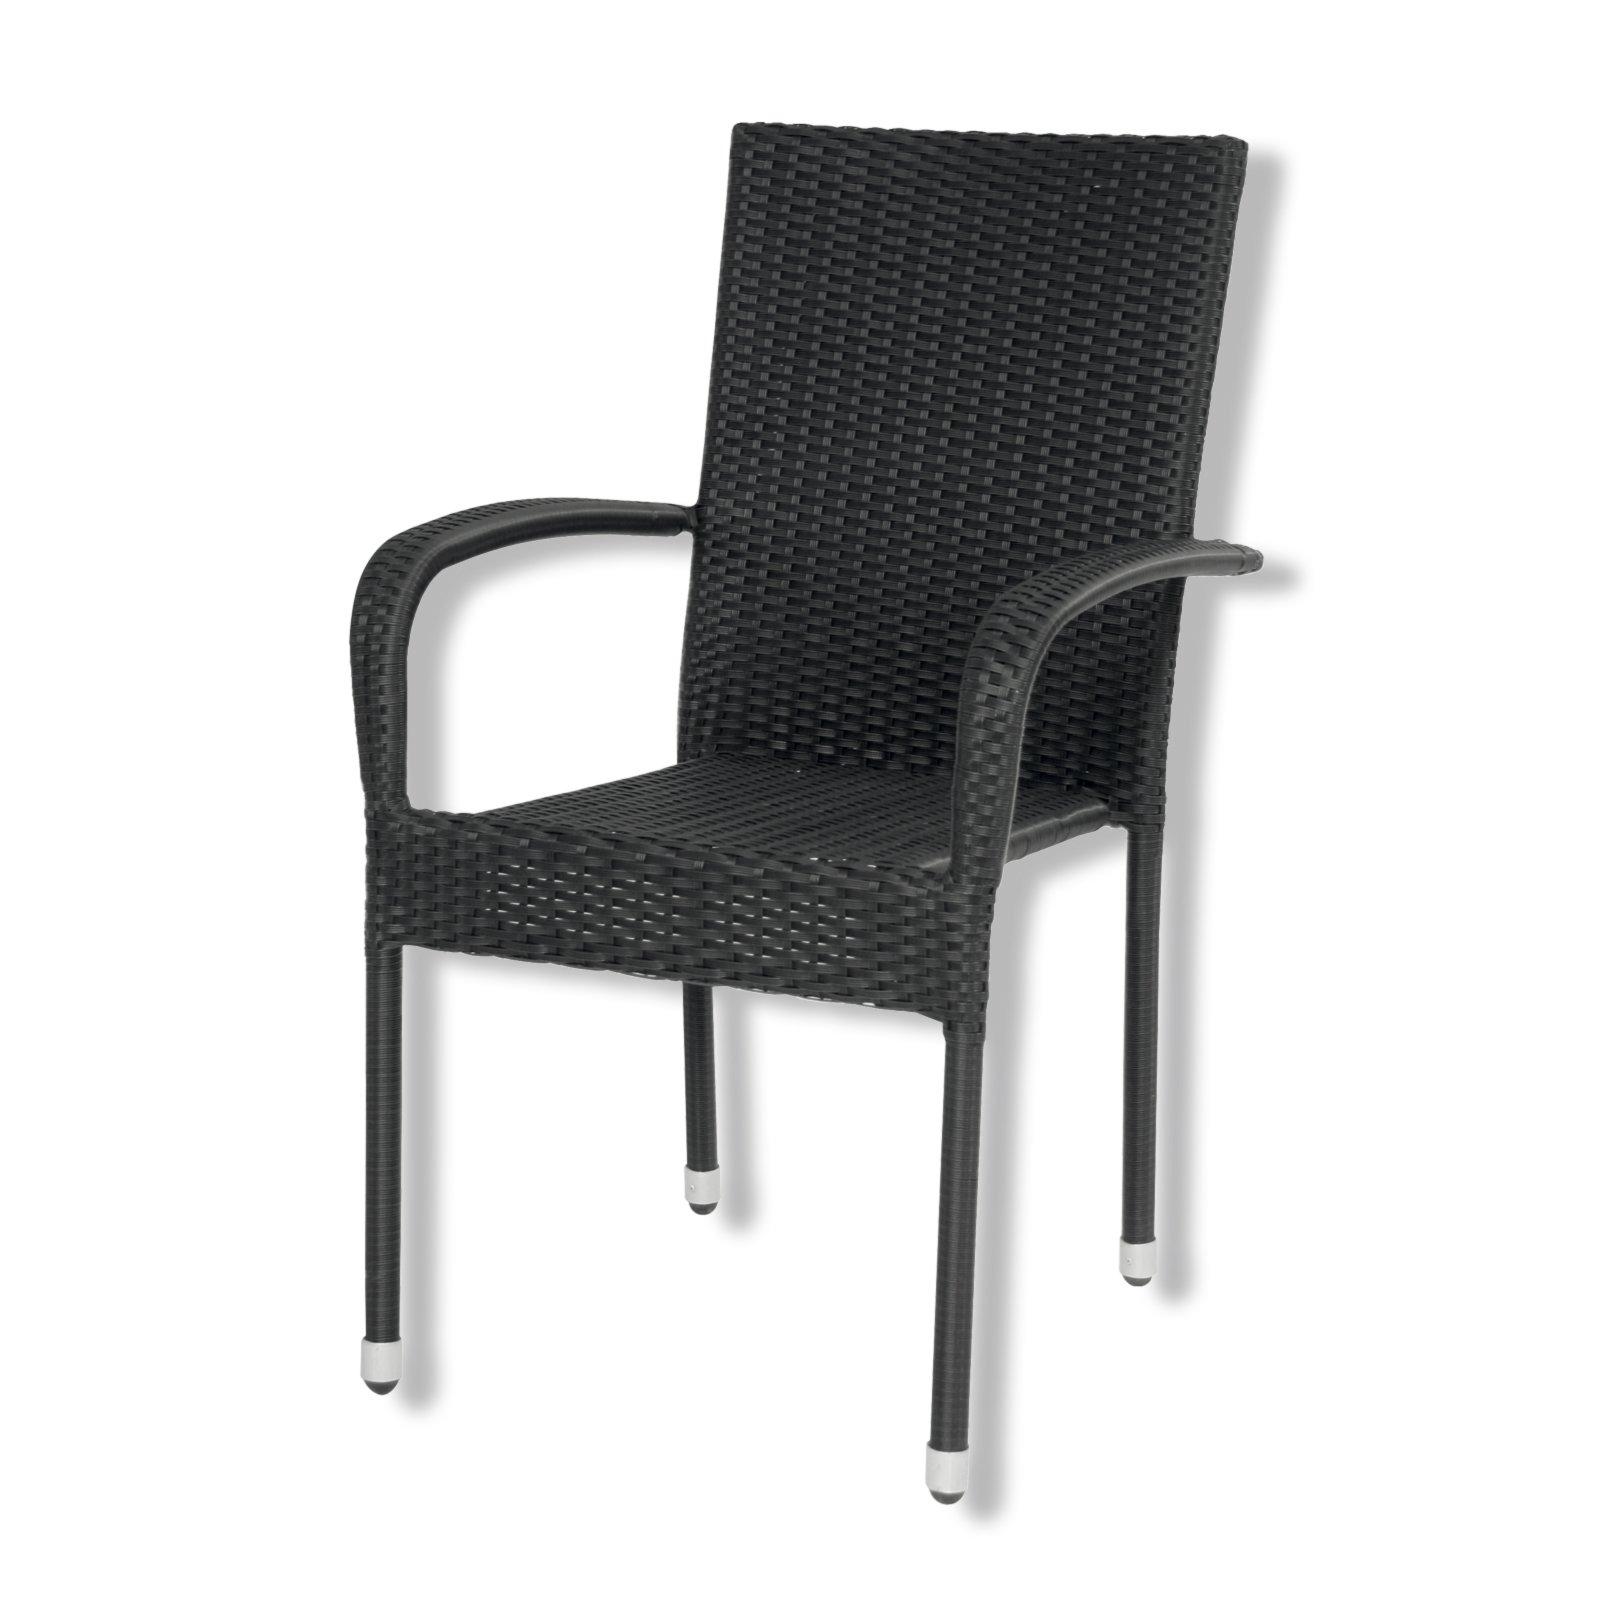 gartenstuhl schwarz stapelstuhl gartenst hle. Black Bedroom Furniture Sets. Home Design Ideas